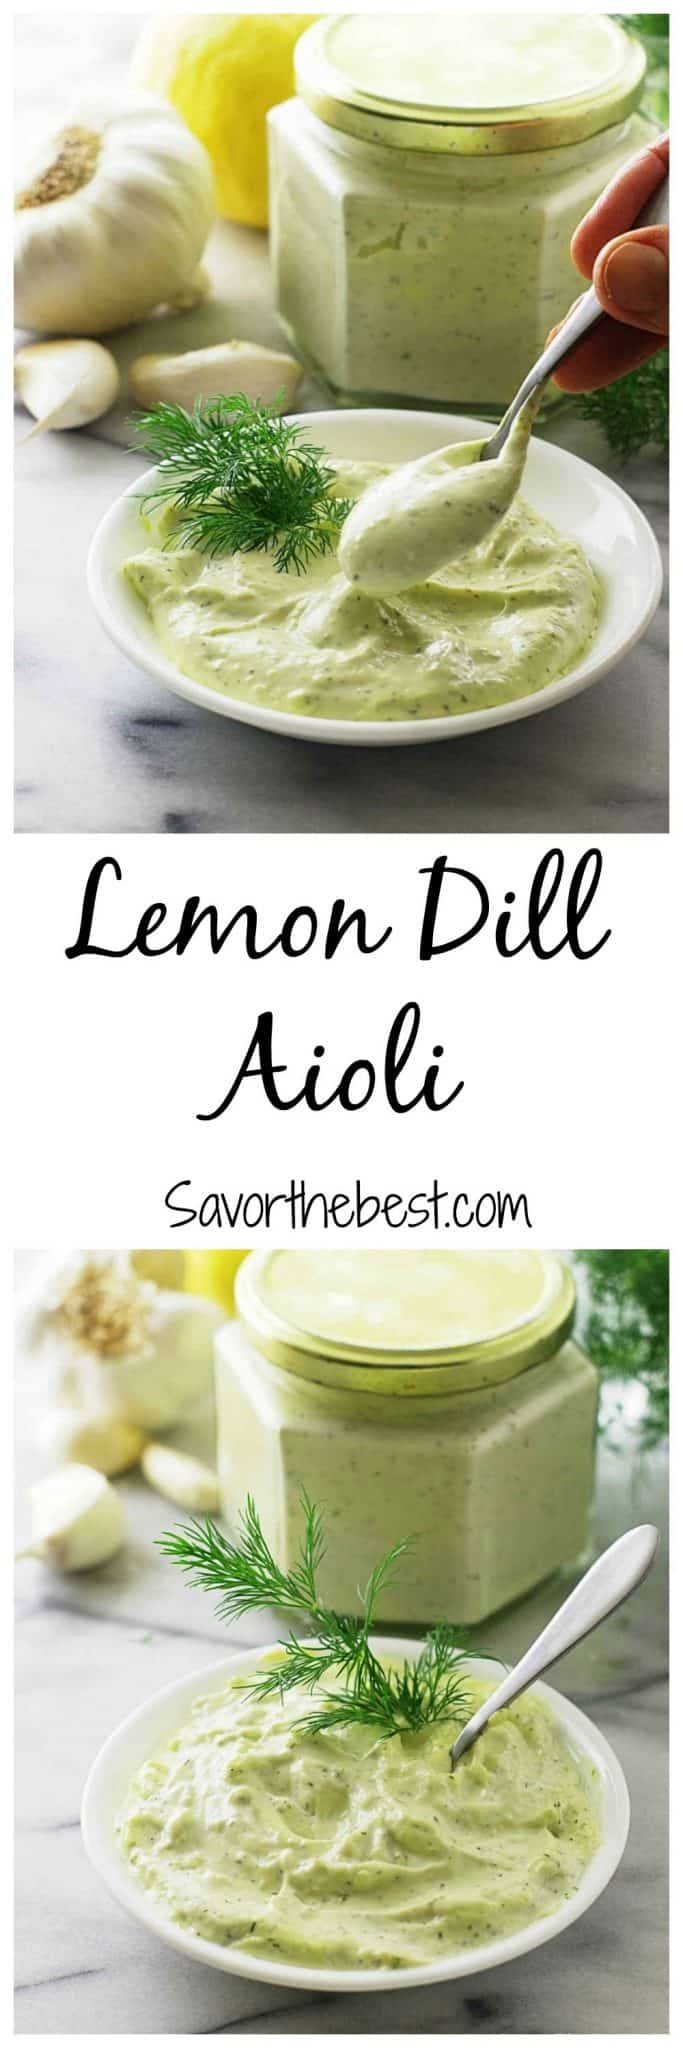 Lemon Dill Aioli